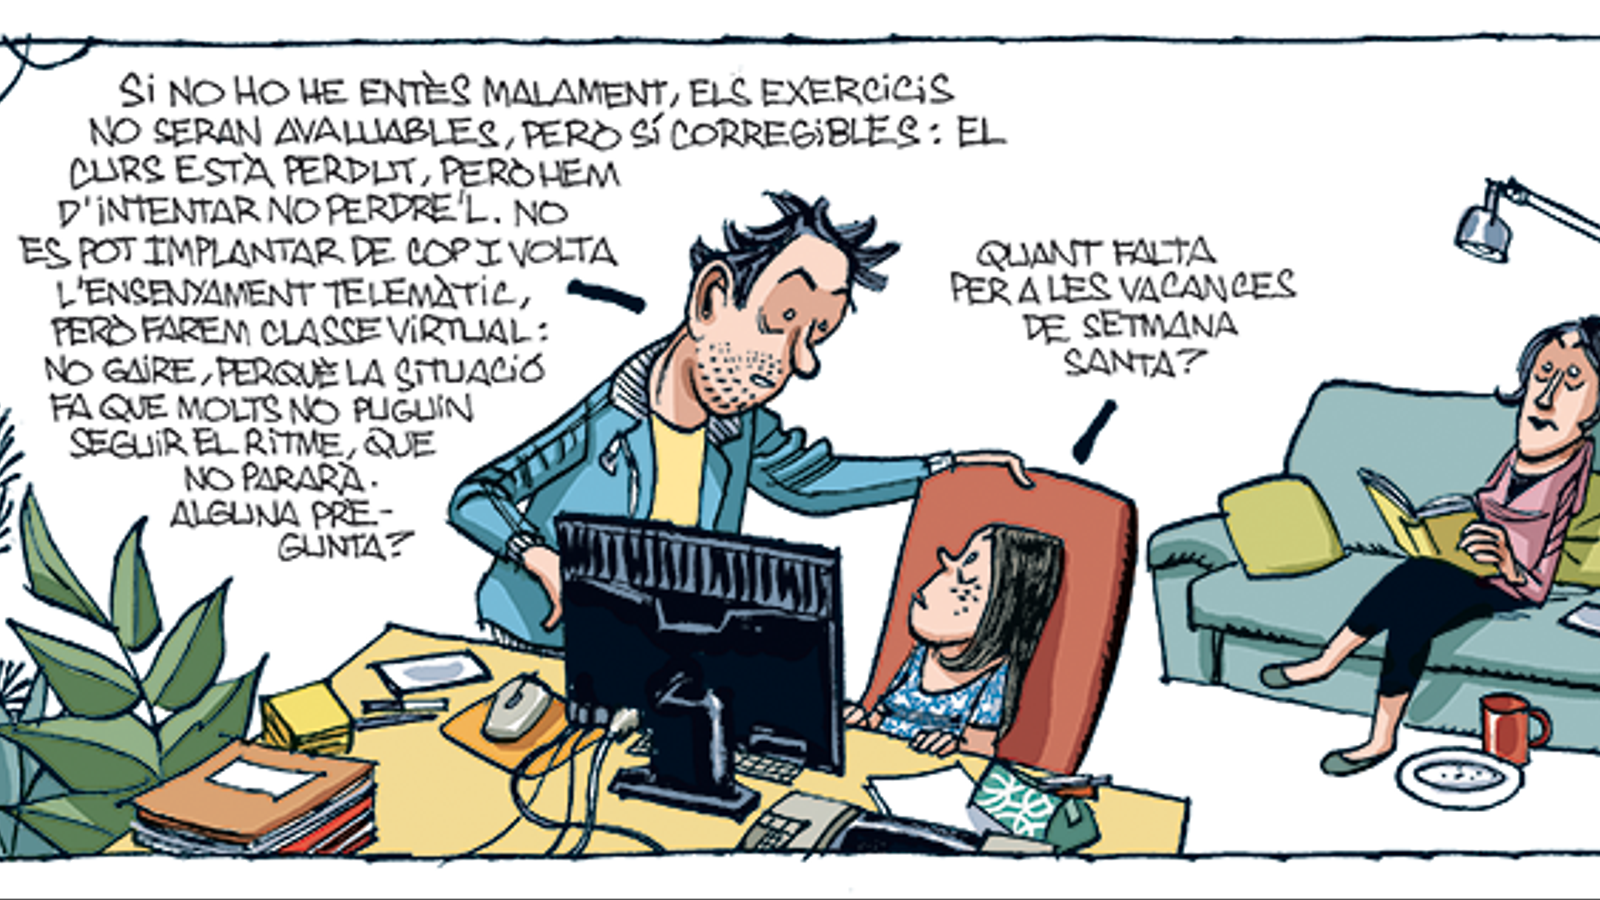 'A la contra', per Manel Fontdevila 01/04/2020